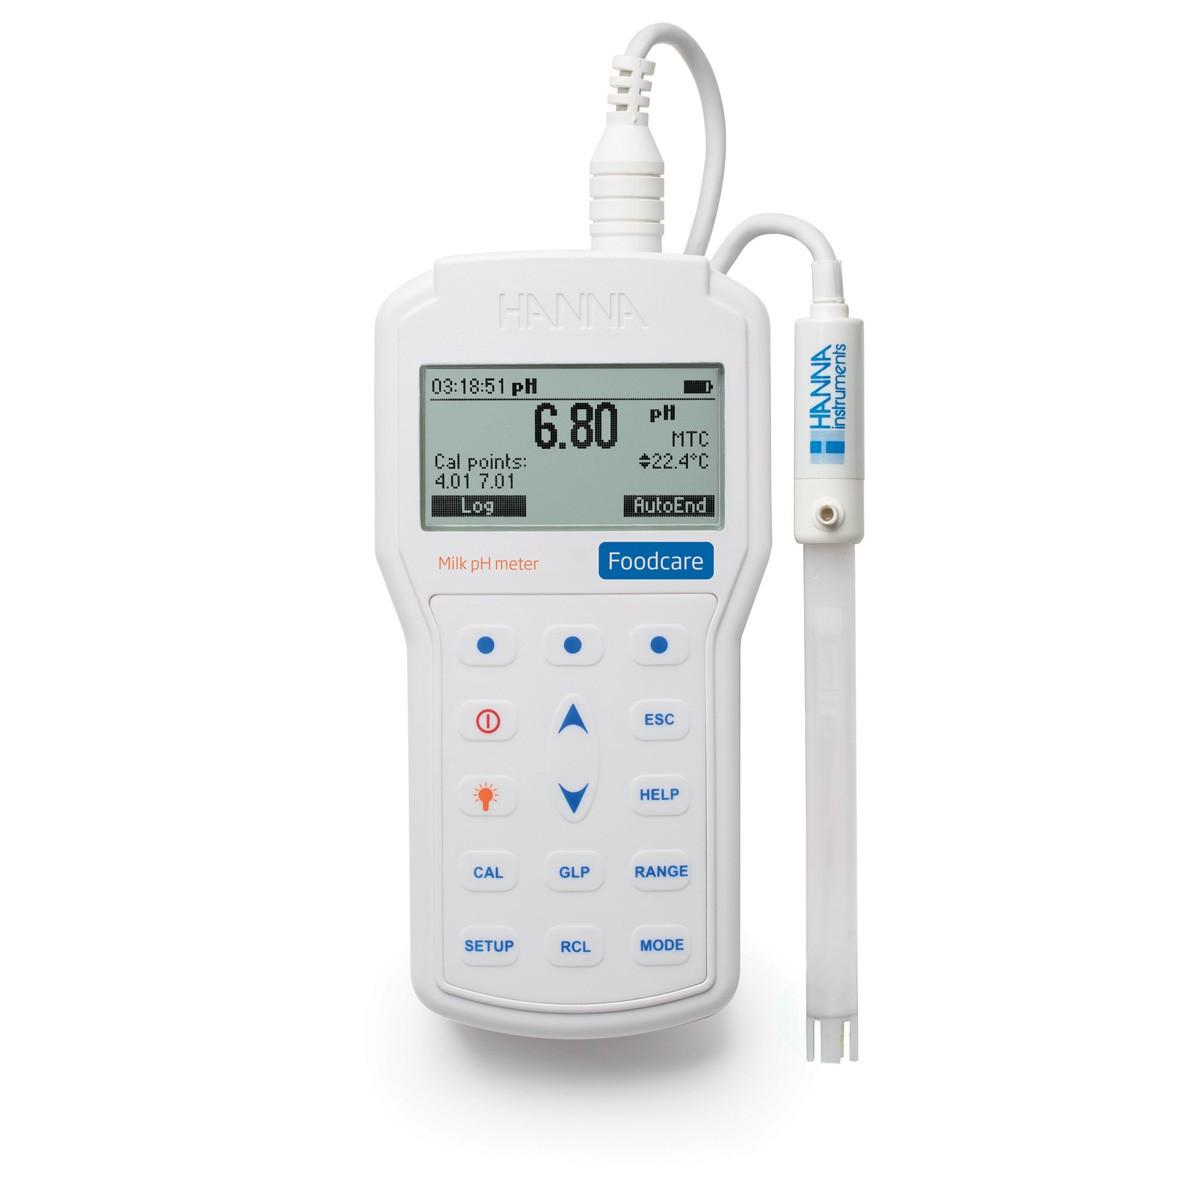 HI98162 - Profesyonel Taşınabilir Süt pH Ölçer